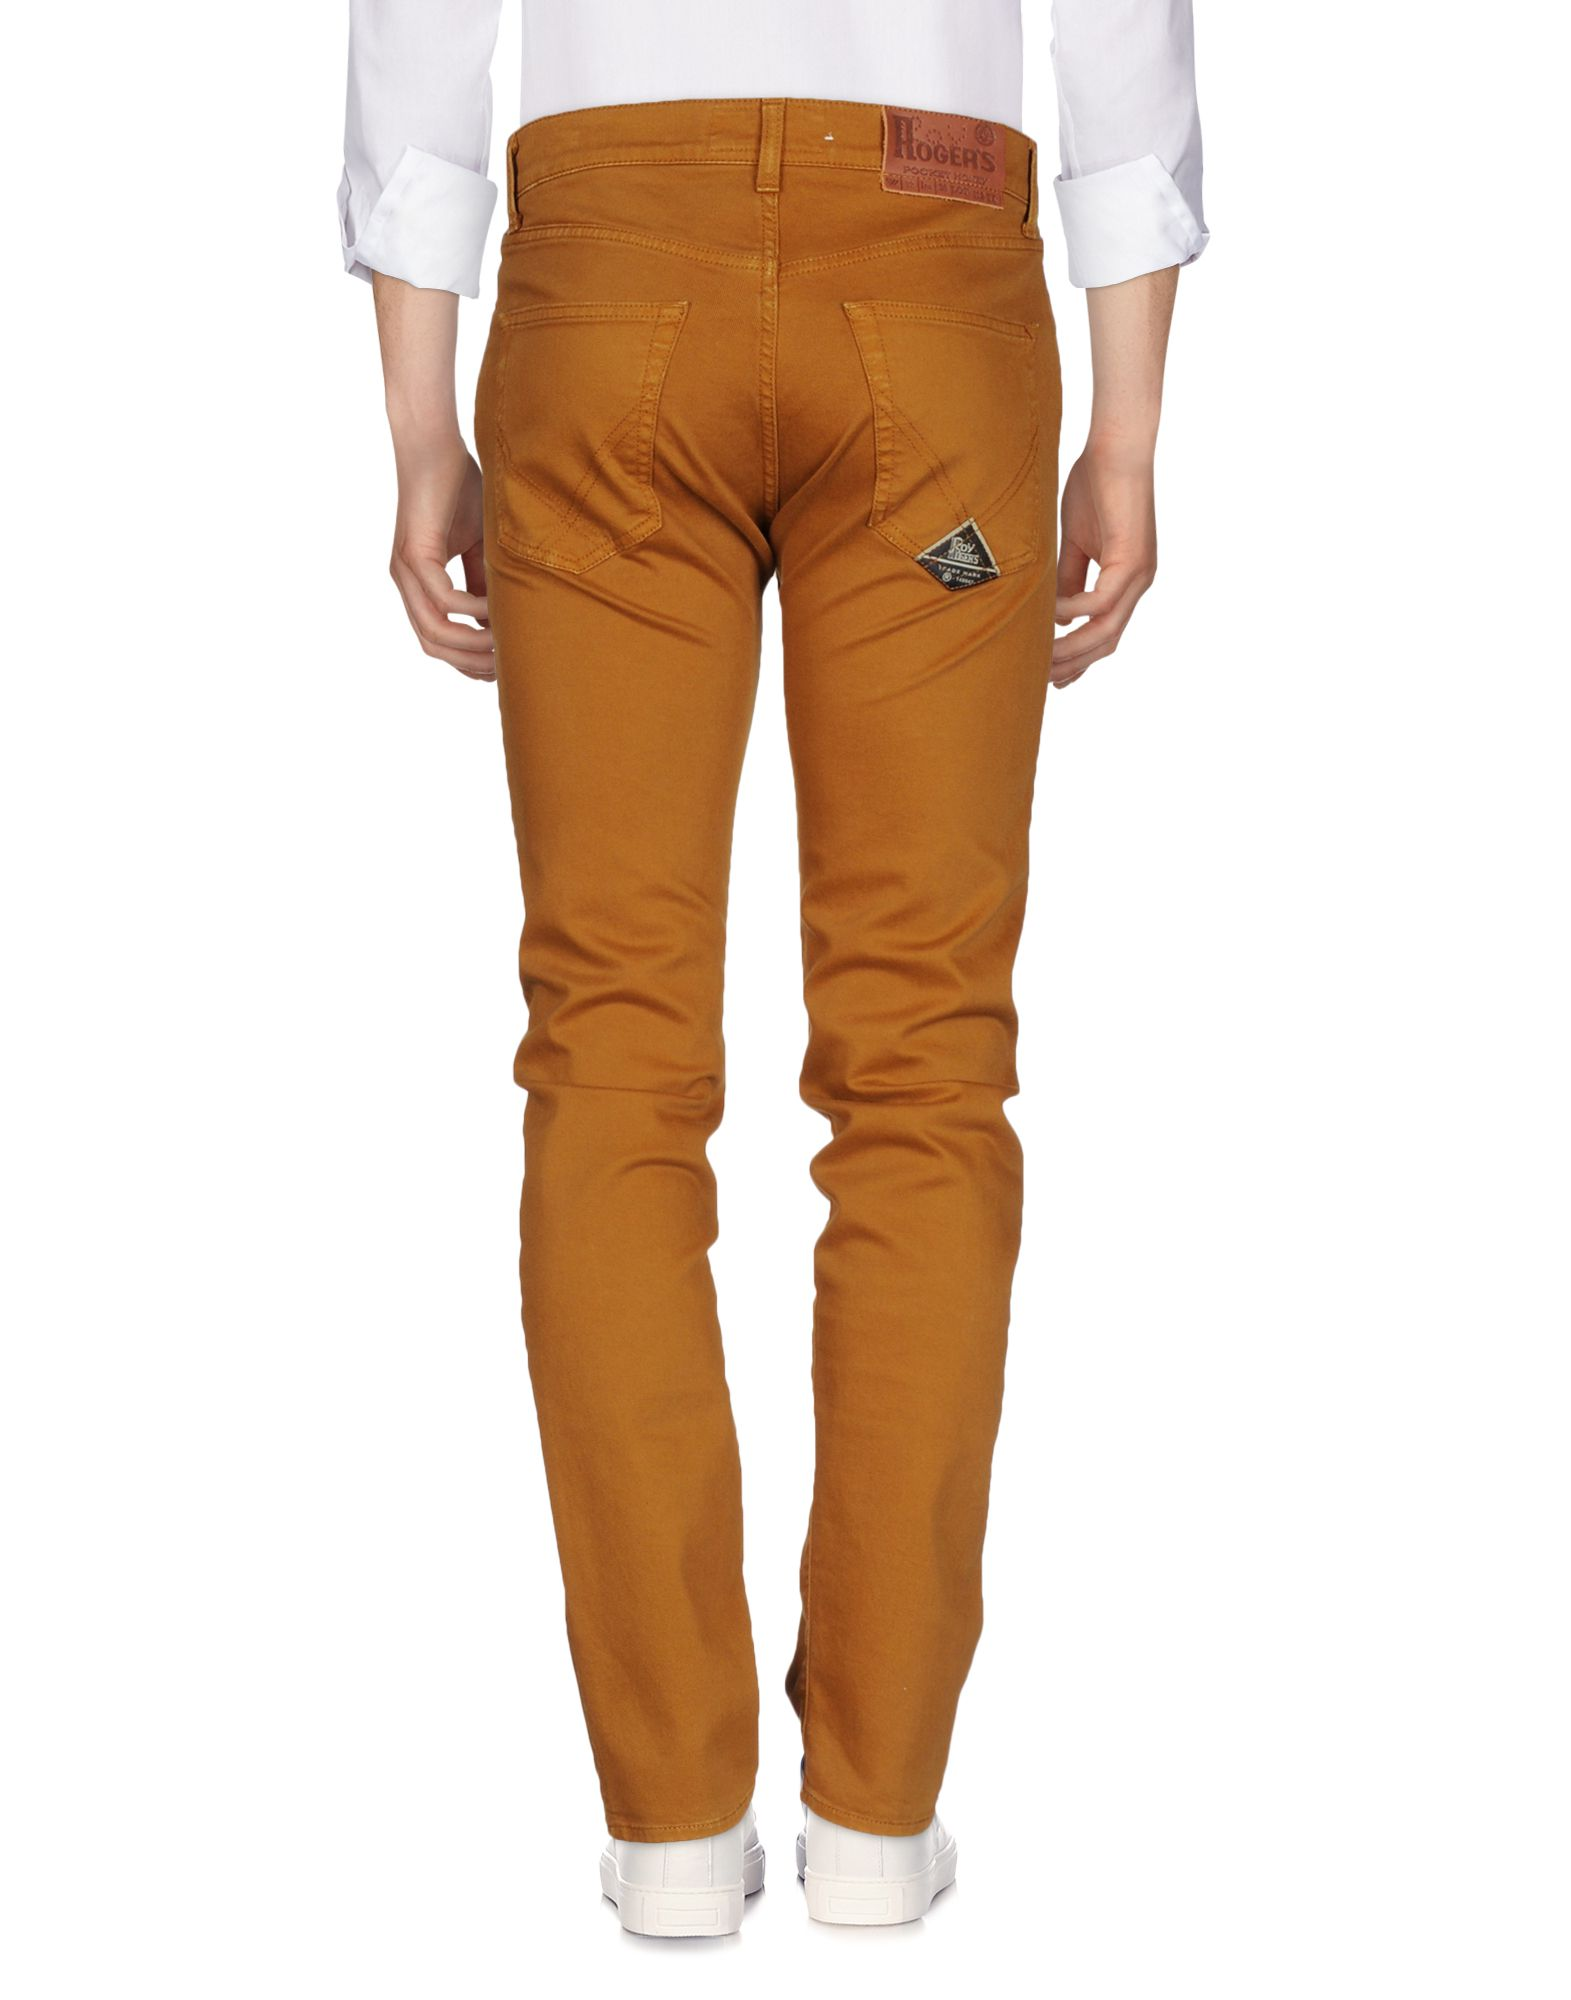 Pantaloni Jeans  Ro  Jeans Roger's Uomo - 42675521XX a1710a